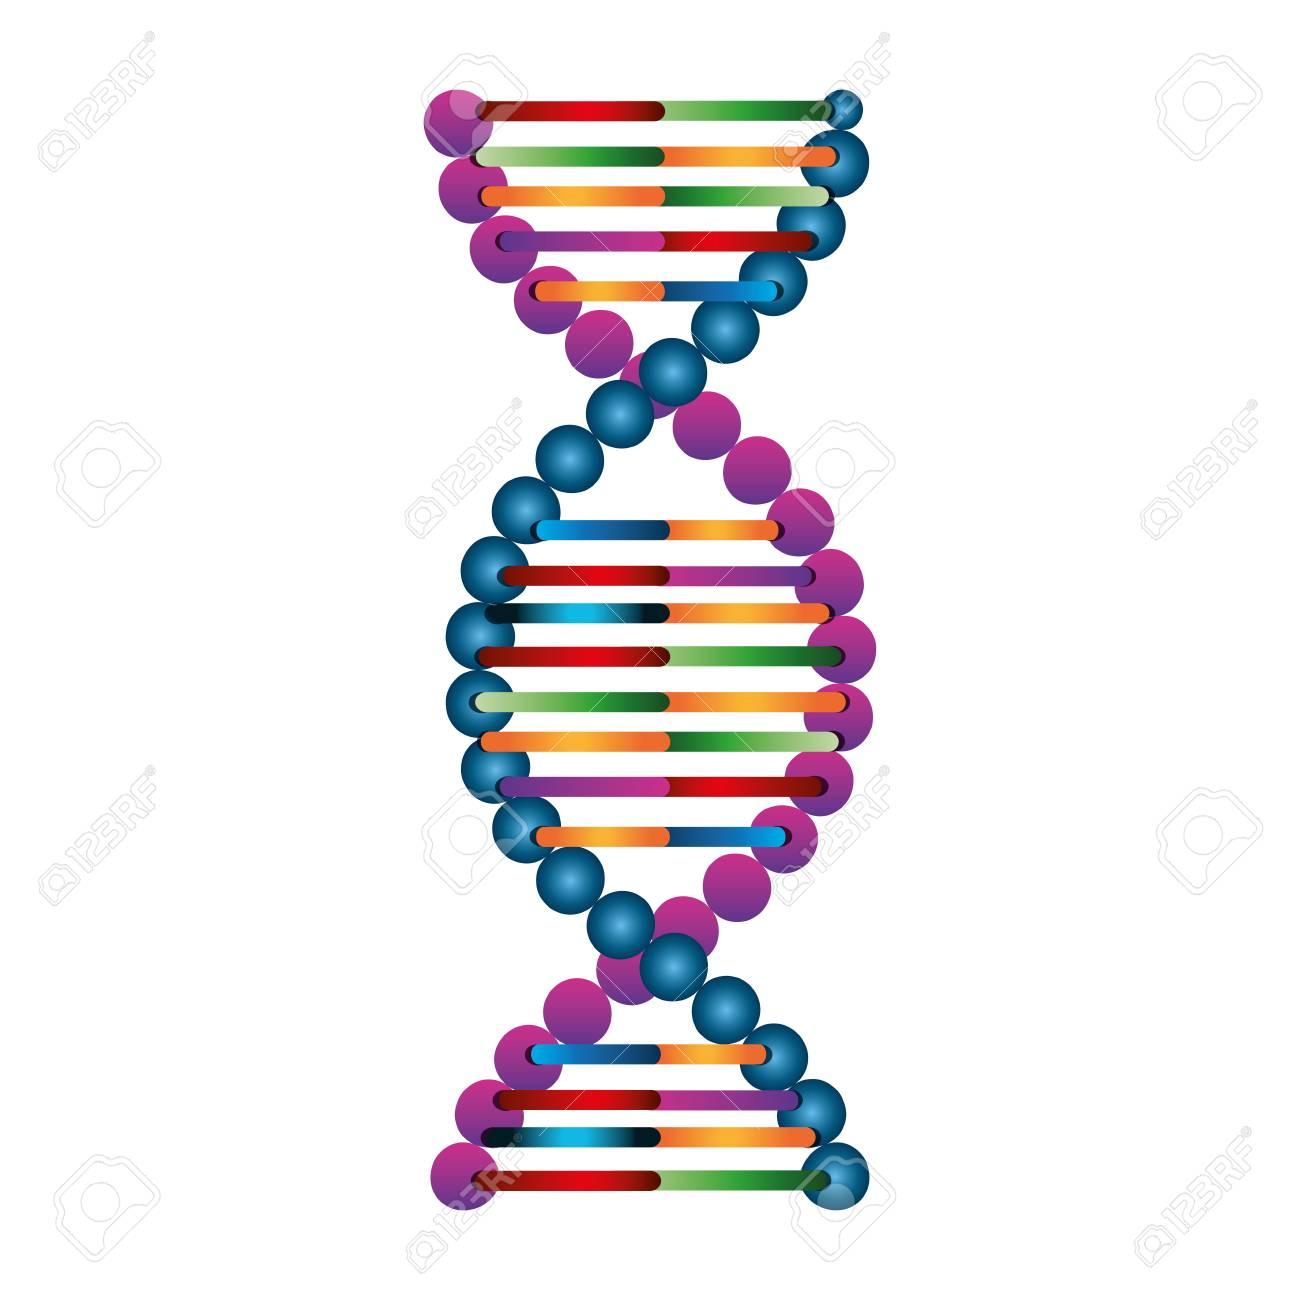 Estructura Molecular De Adn Ilustración Vectorial De Diseño